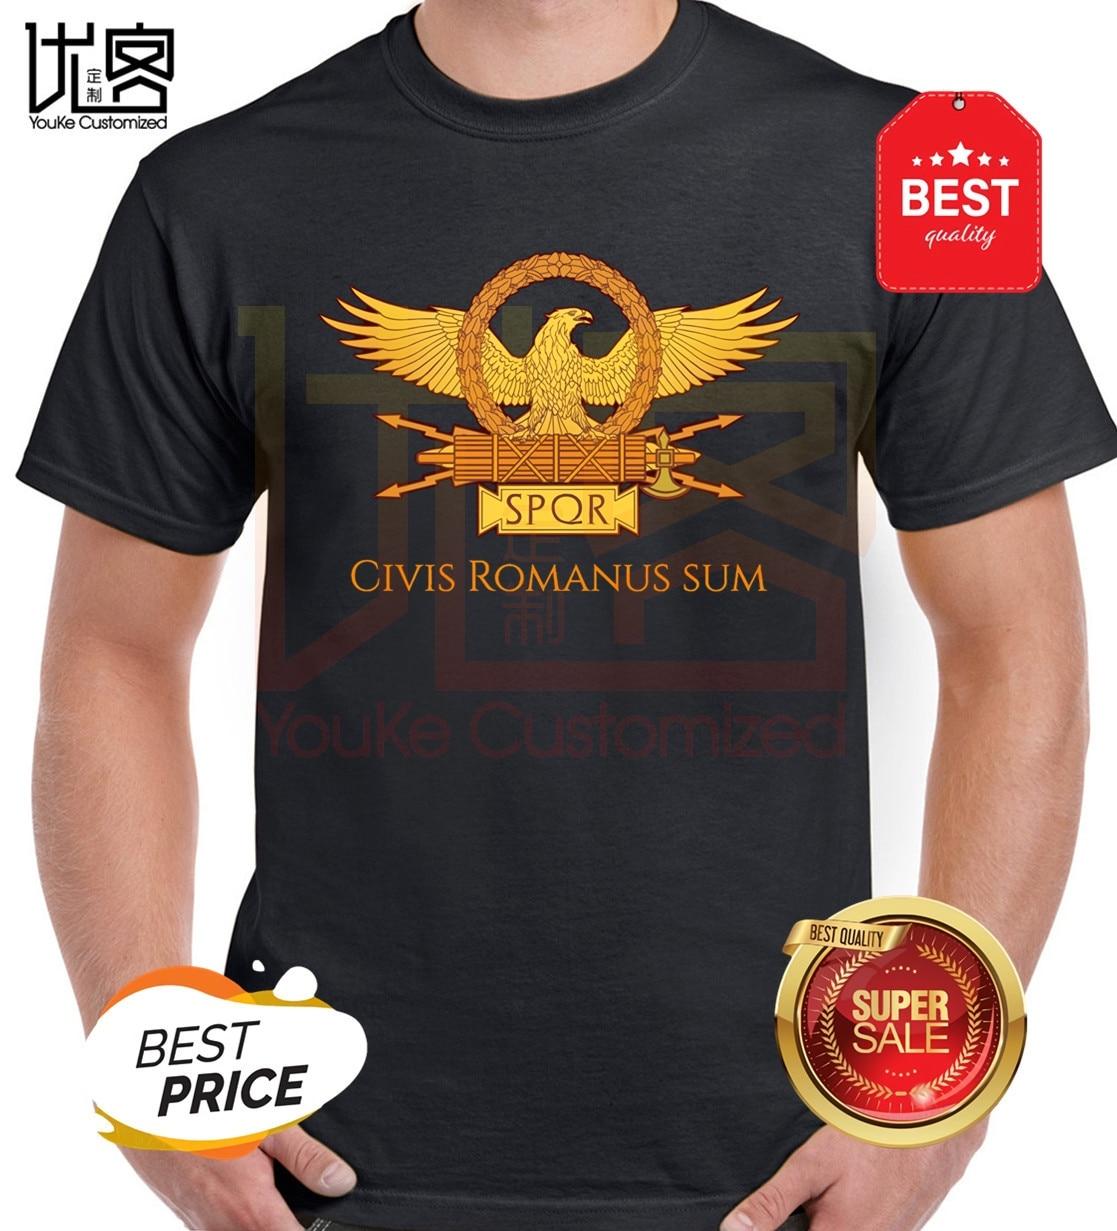 Civis Romanum Sum T-Shirt SPQR Roman Gladiator Imperial Golden Eagle 2020 Summer T Shirt